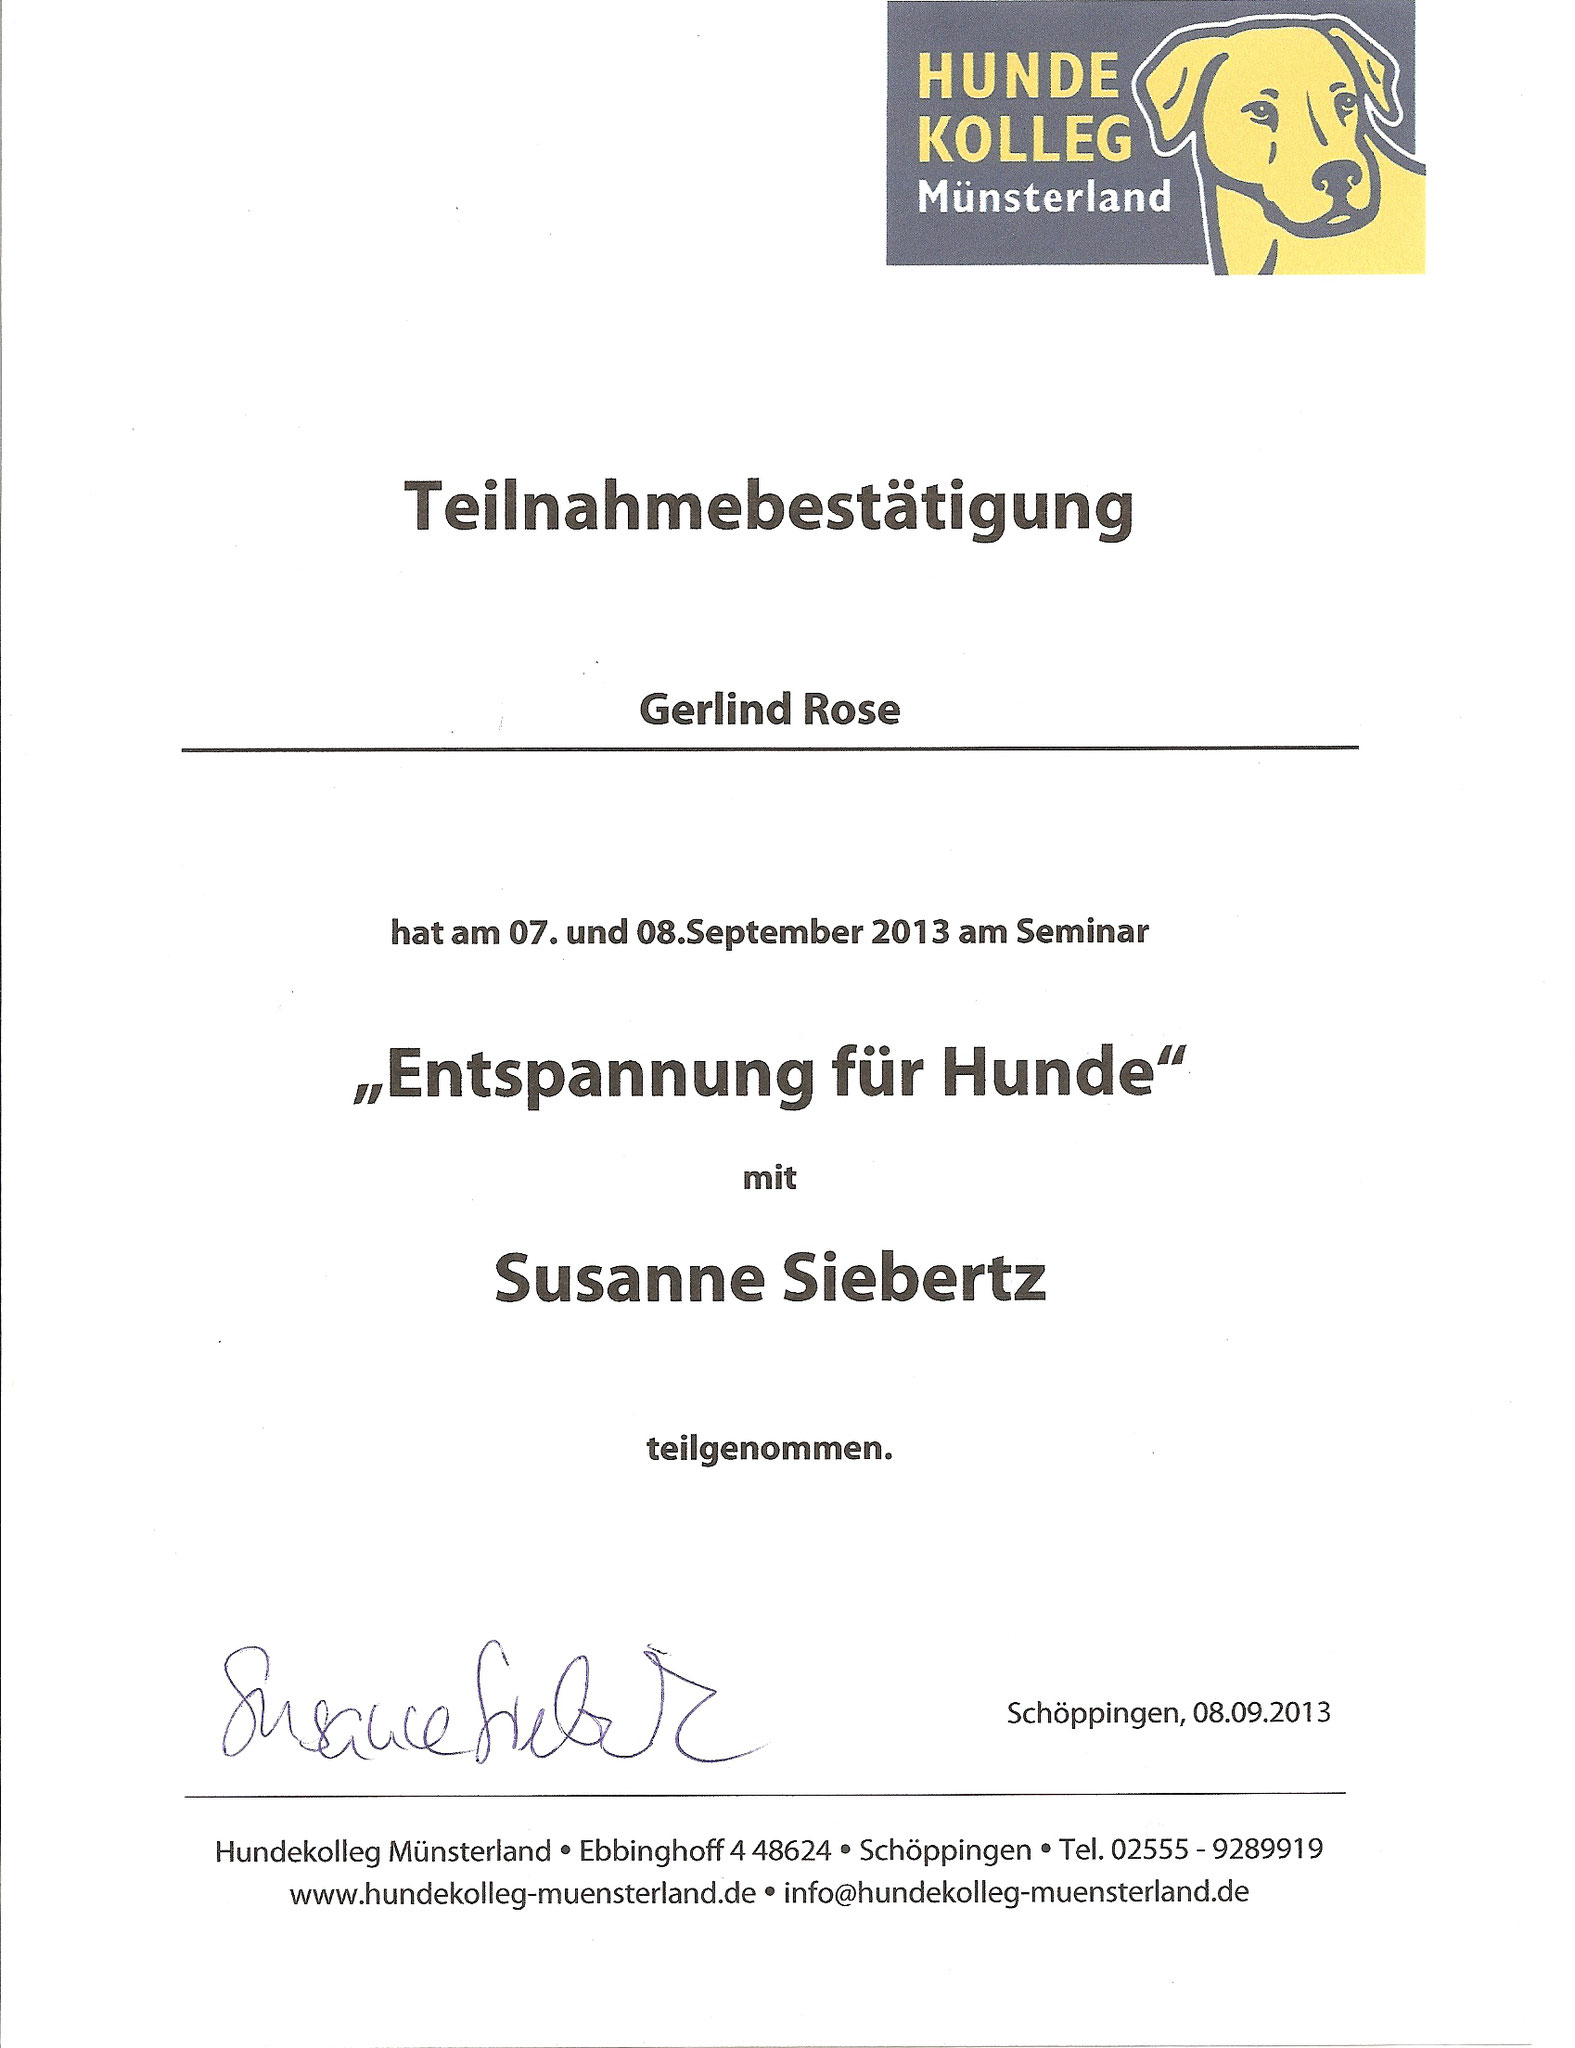 Entspannungsmassagetechniken - Susanne Siebertz